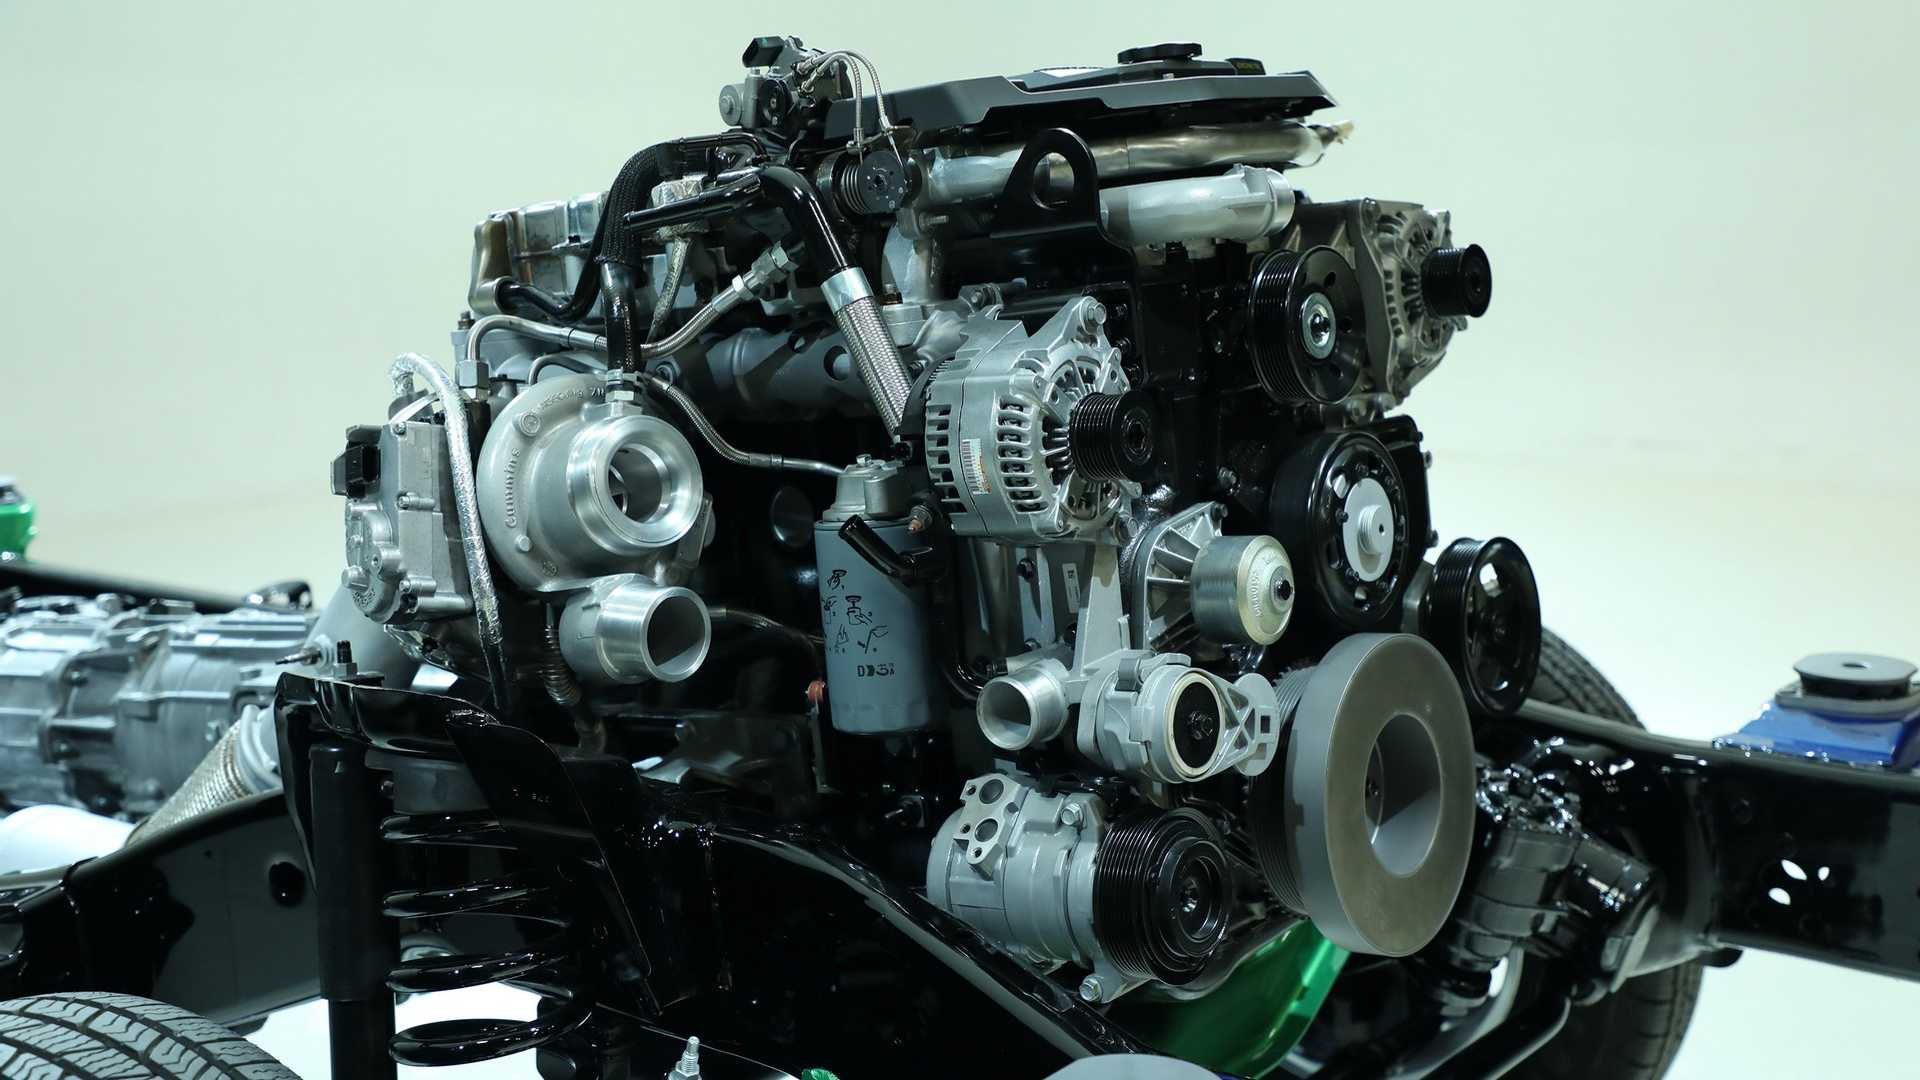 2019-ram-heavy-duty-powertrain-technologies (26)